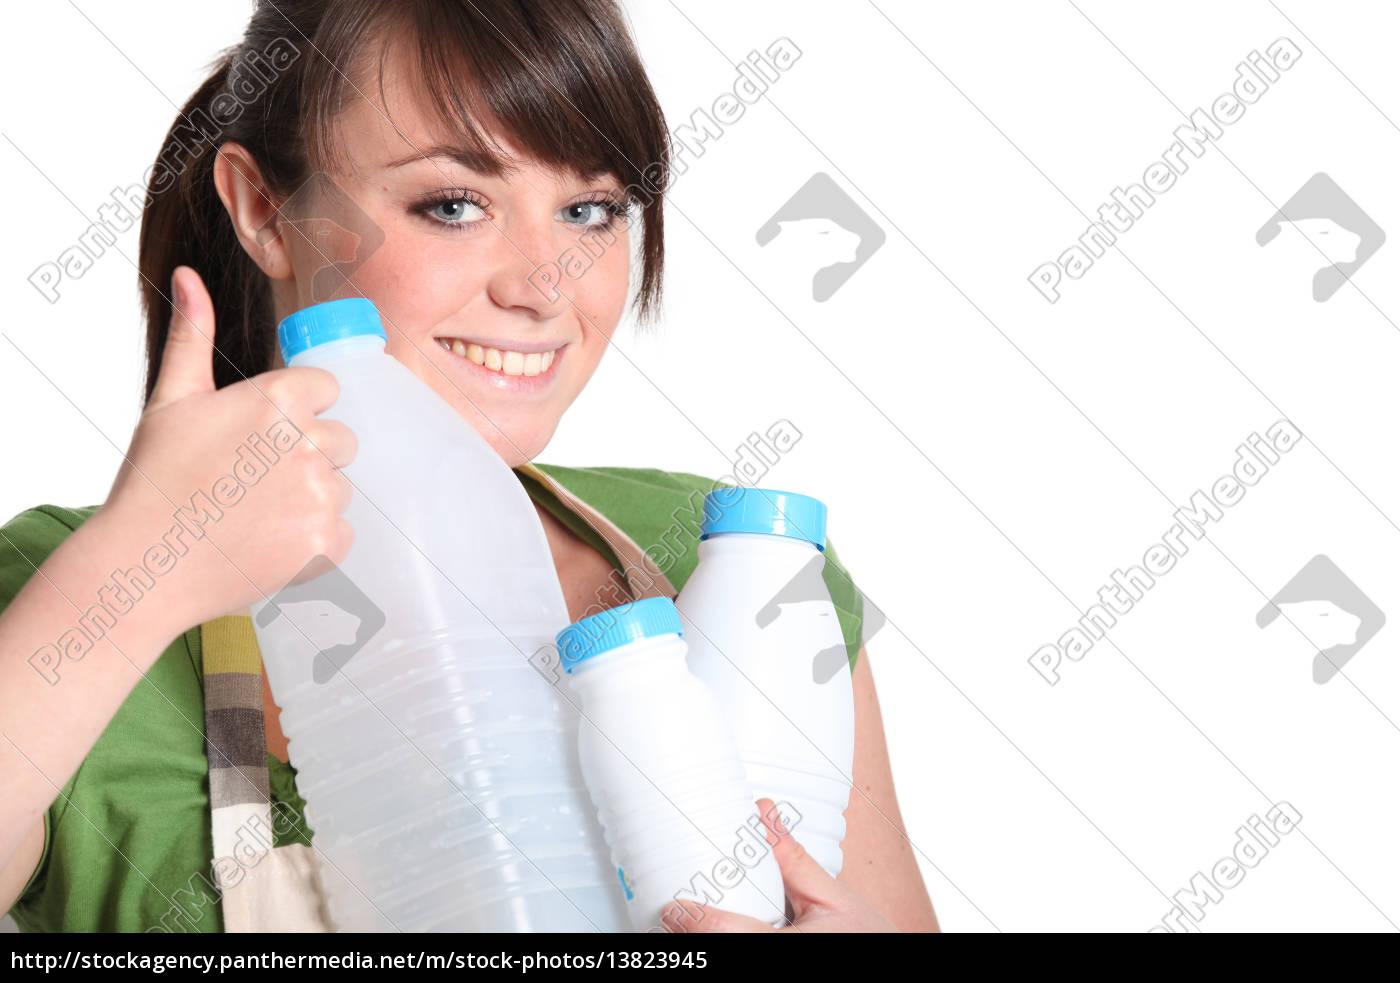 junge, frau, die, das, recycling, von, kunststoffflaschen - 13823945